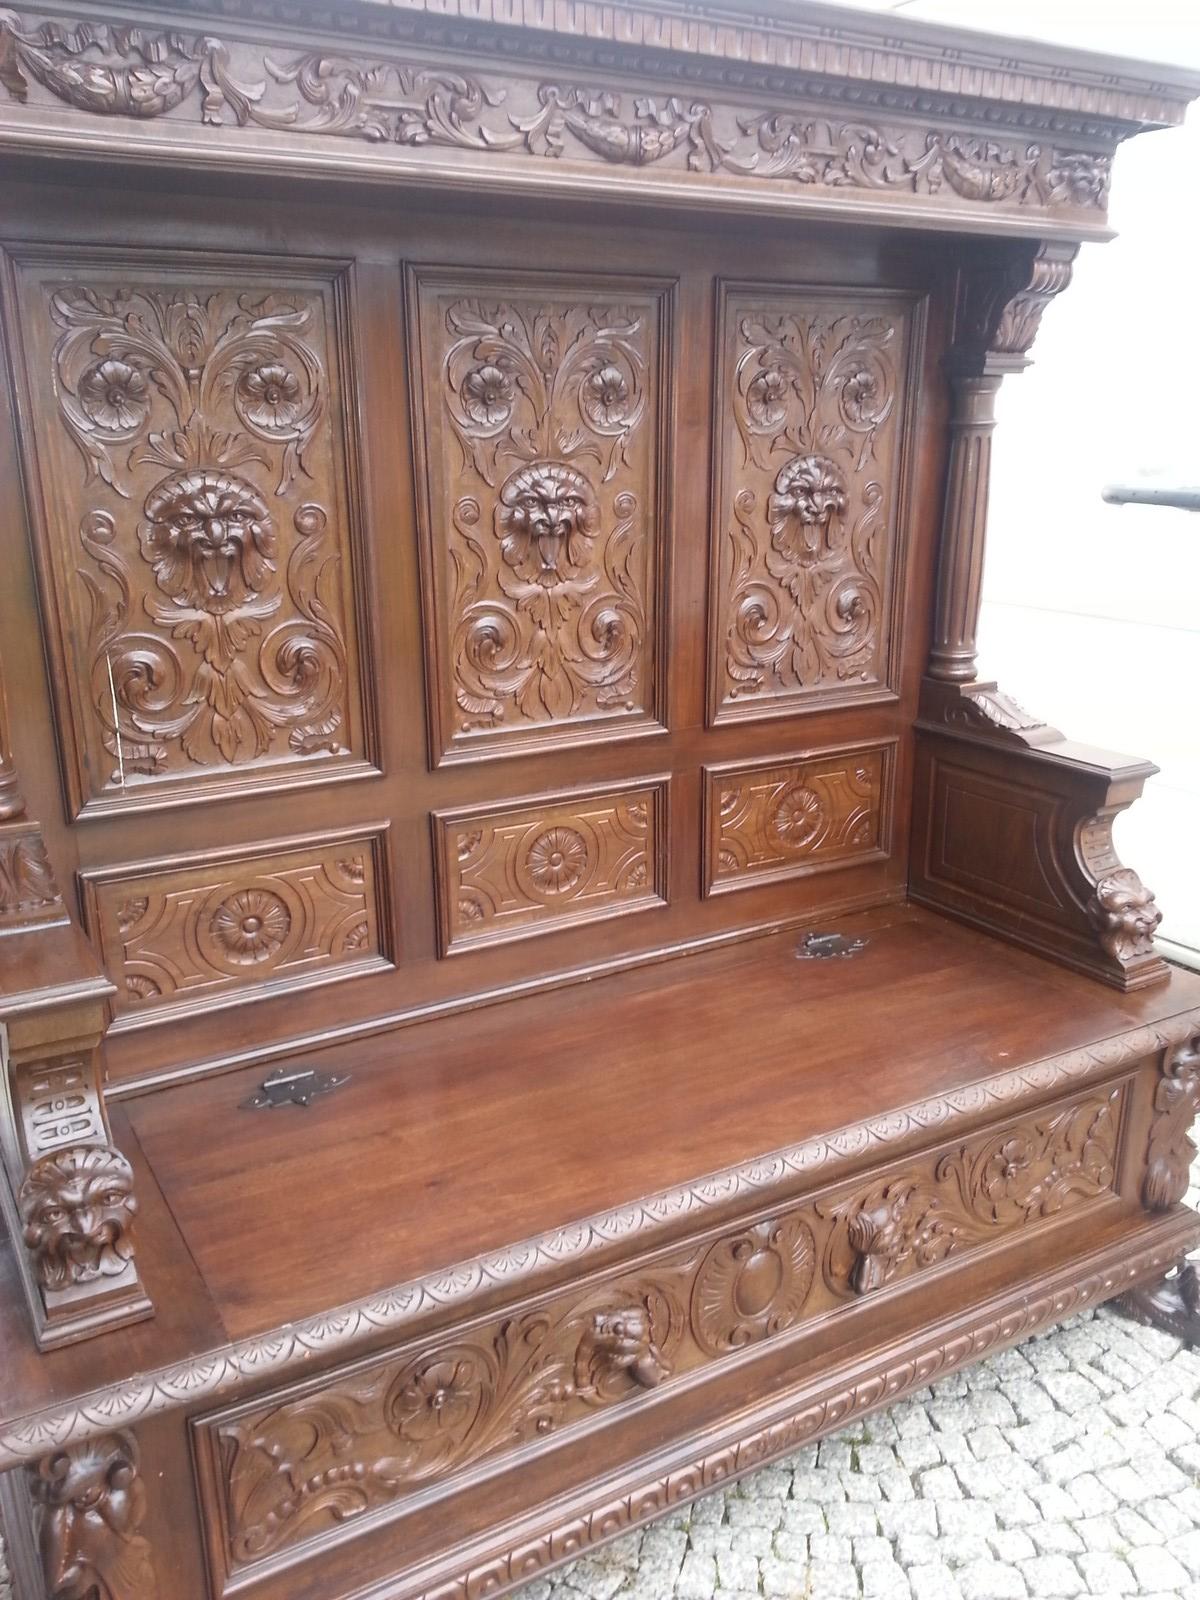 Резьба мебели в прихожей